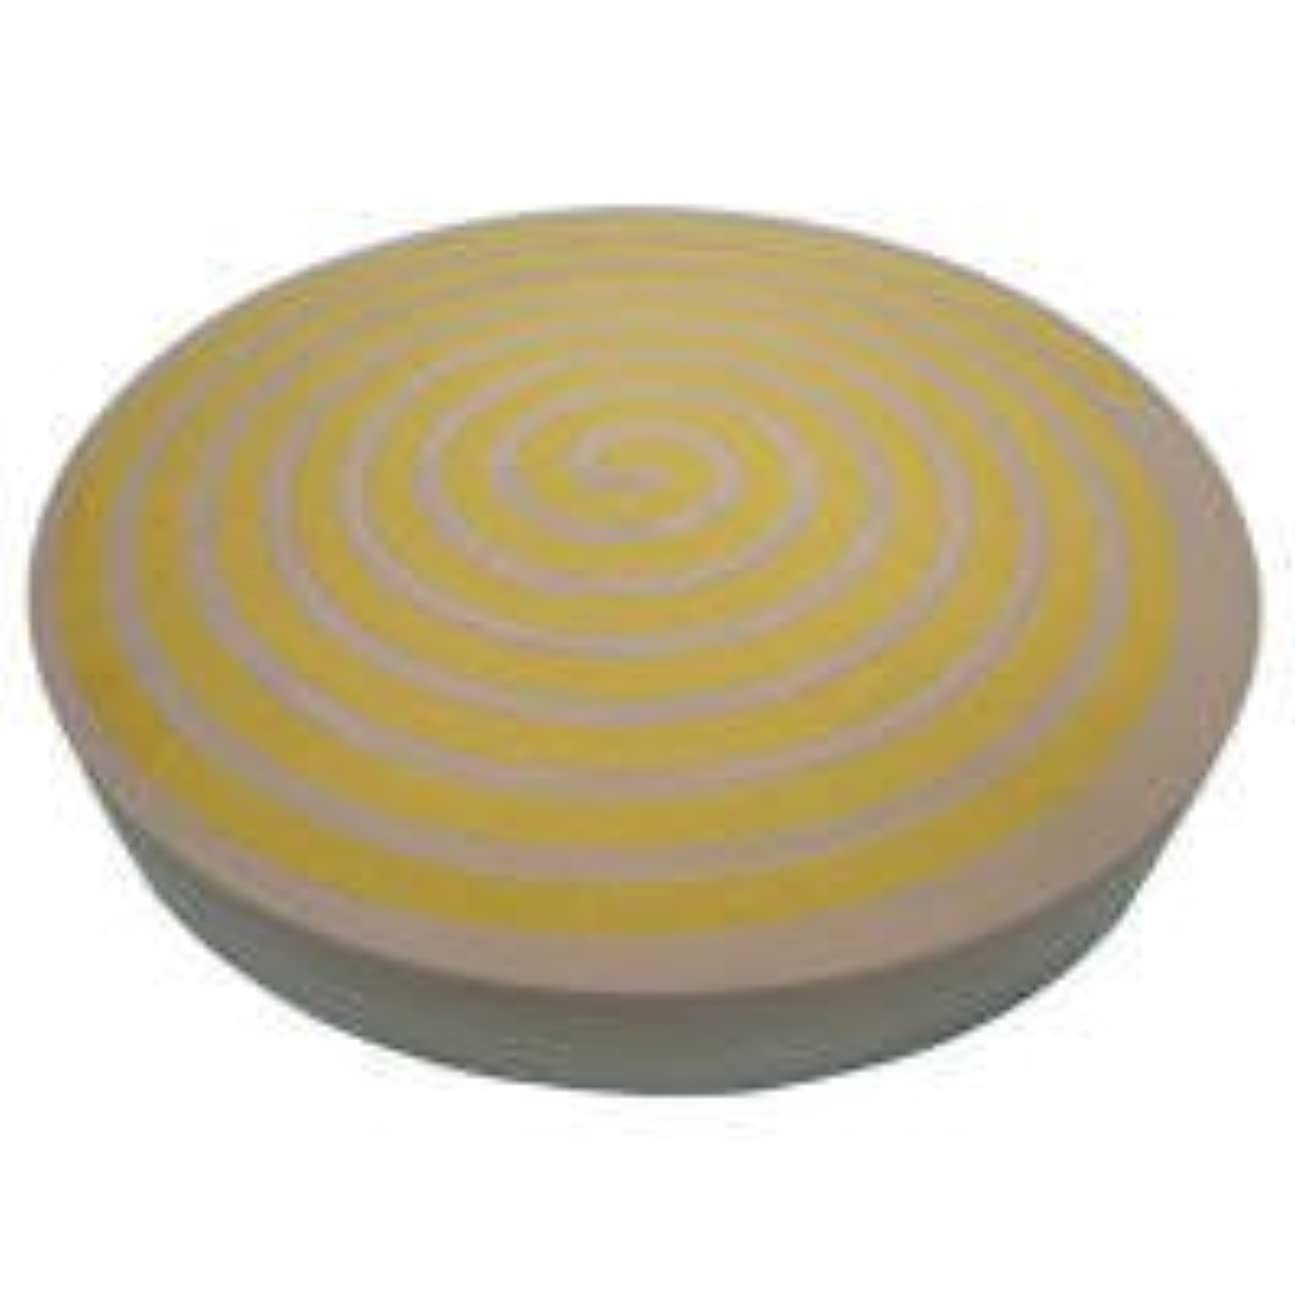 記憶に残る勇敢なピンポイントAzenta Products 42706 ~ 6 Hour Spiral ~ 6 Hour Powder Incense Stone Burner by Azenta